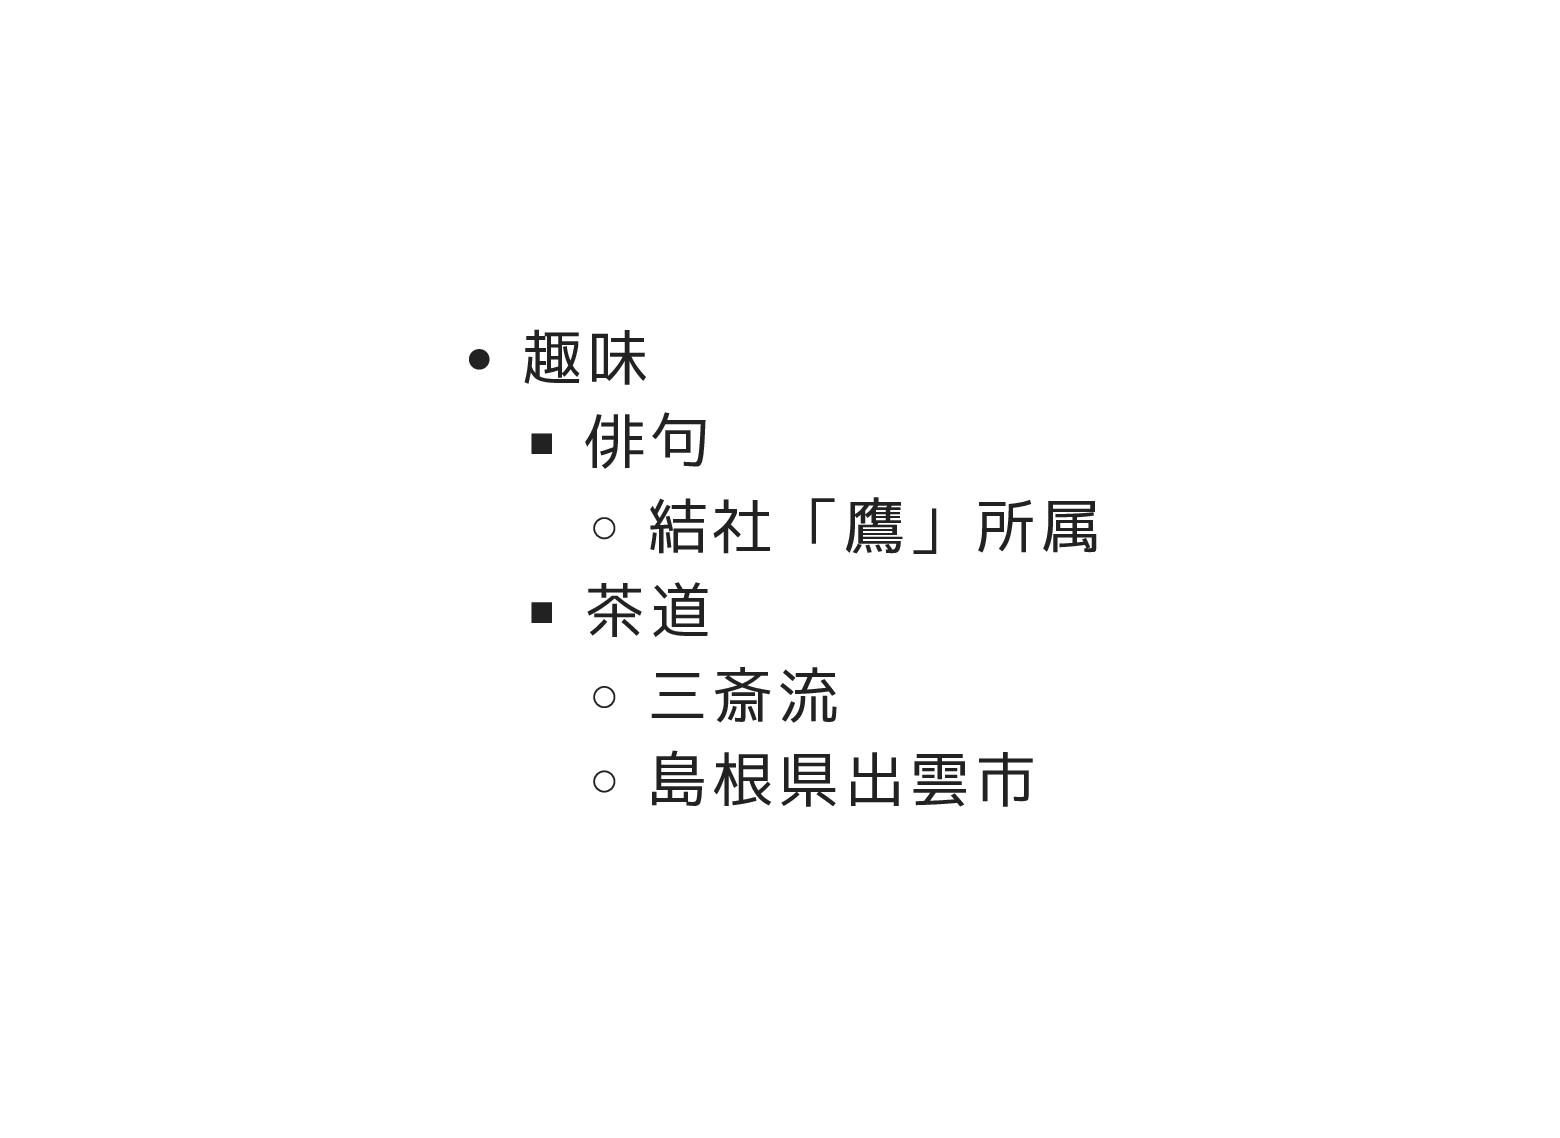 趣味 俳句 結社「鷹」所属 茶道 三斎流 島根県出雲市